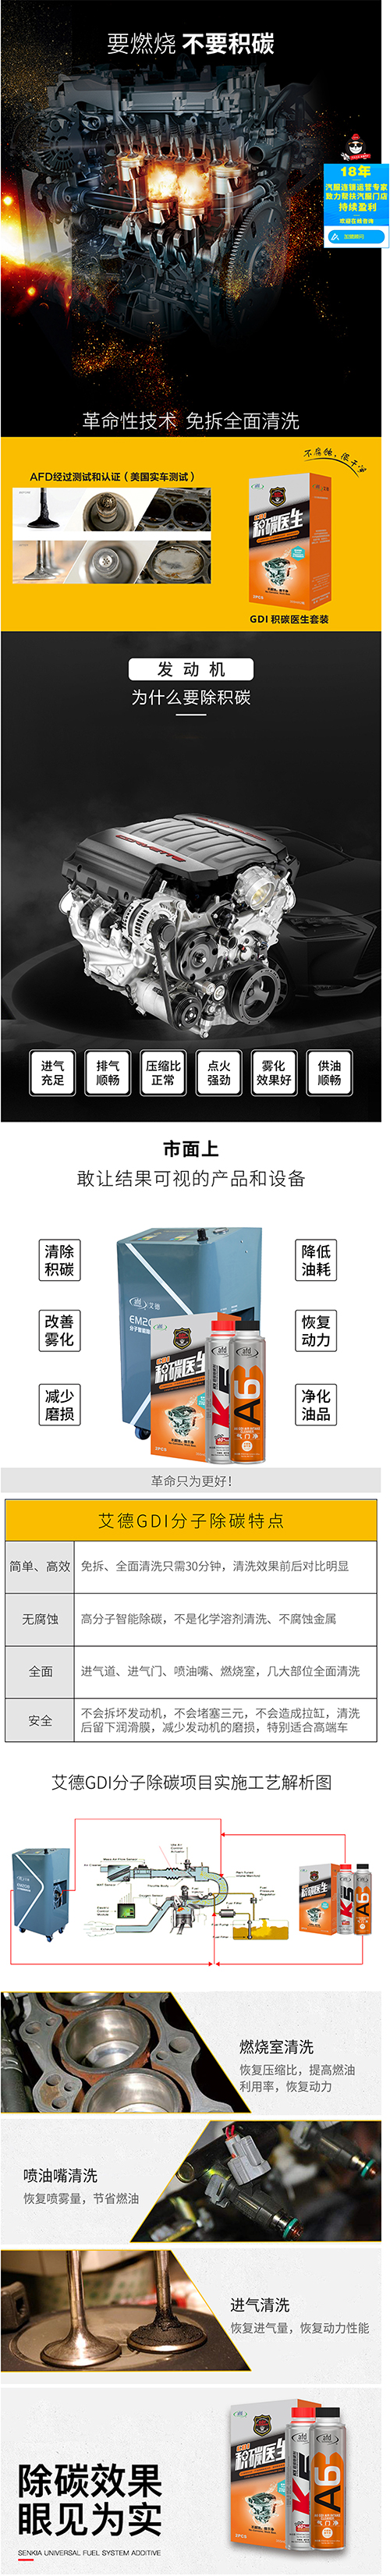 www.chemeifu.net_products_adjtys